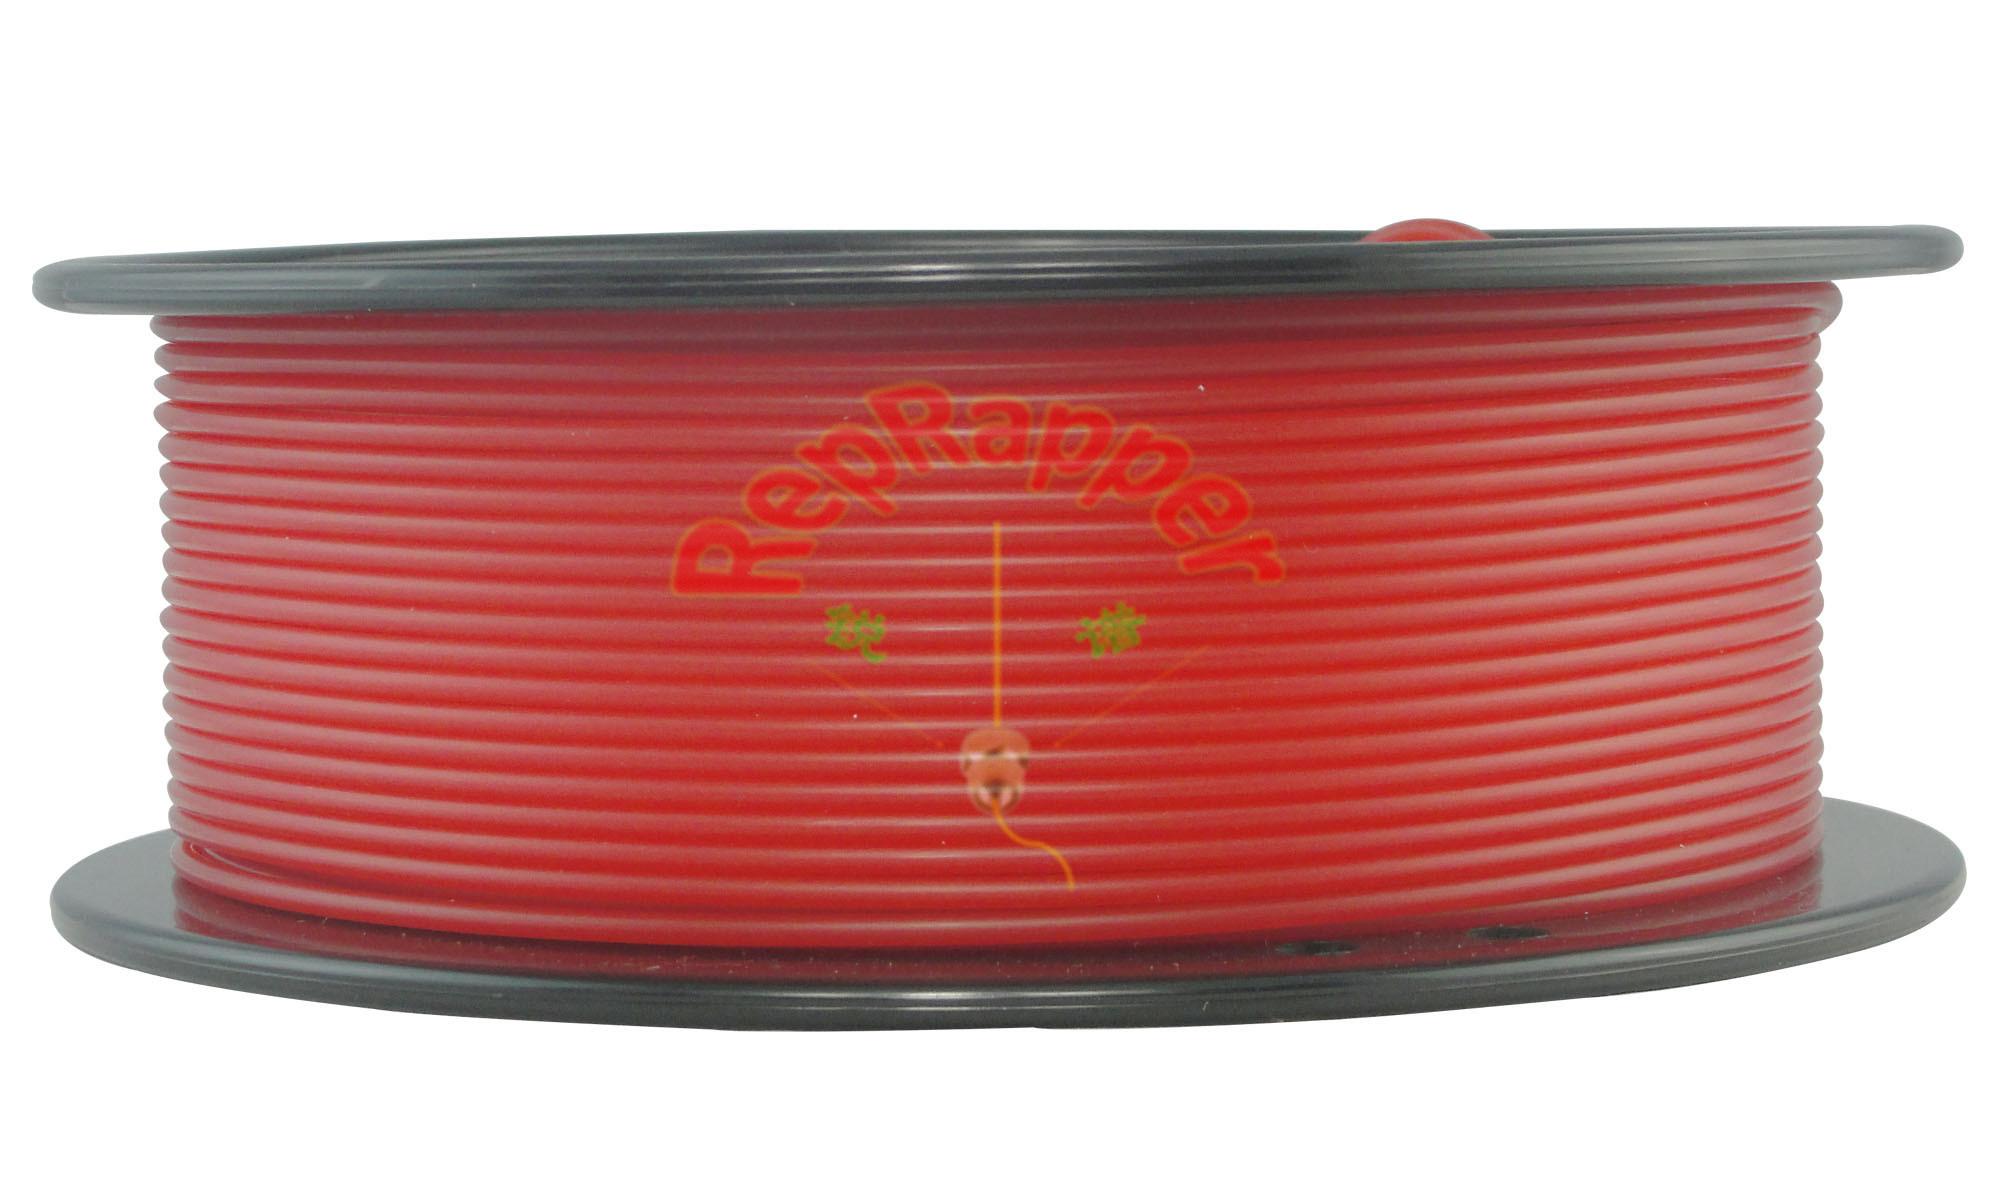 Bien d'enroulement 3.0mm en nylon rouge filament d'impression 3D